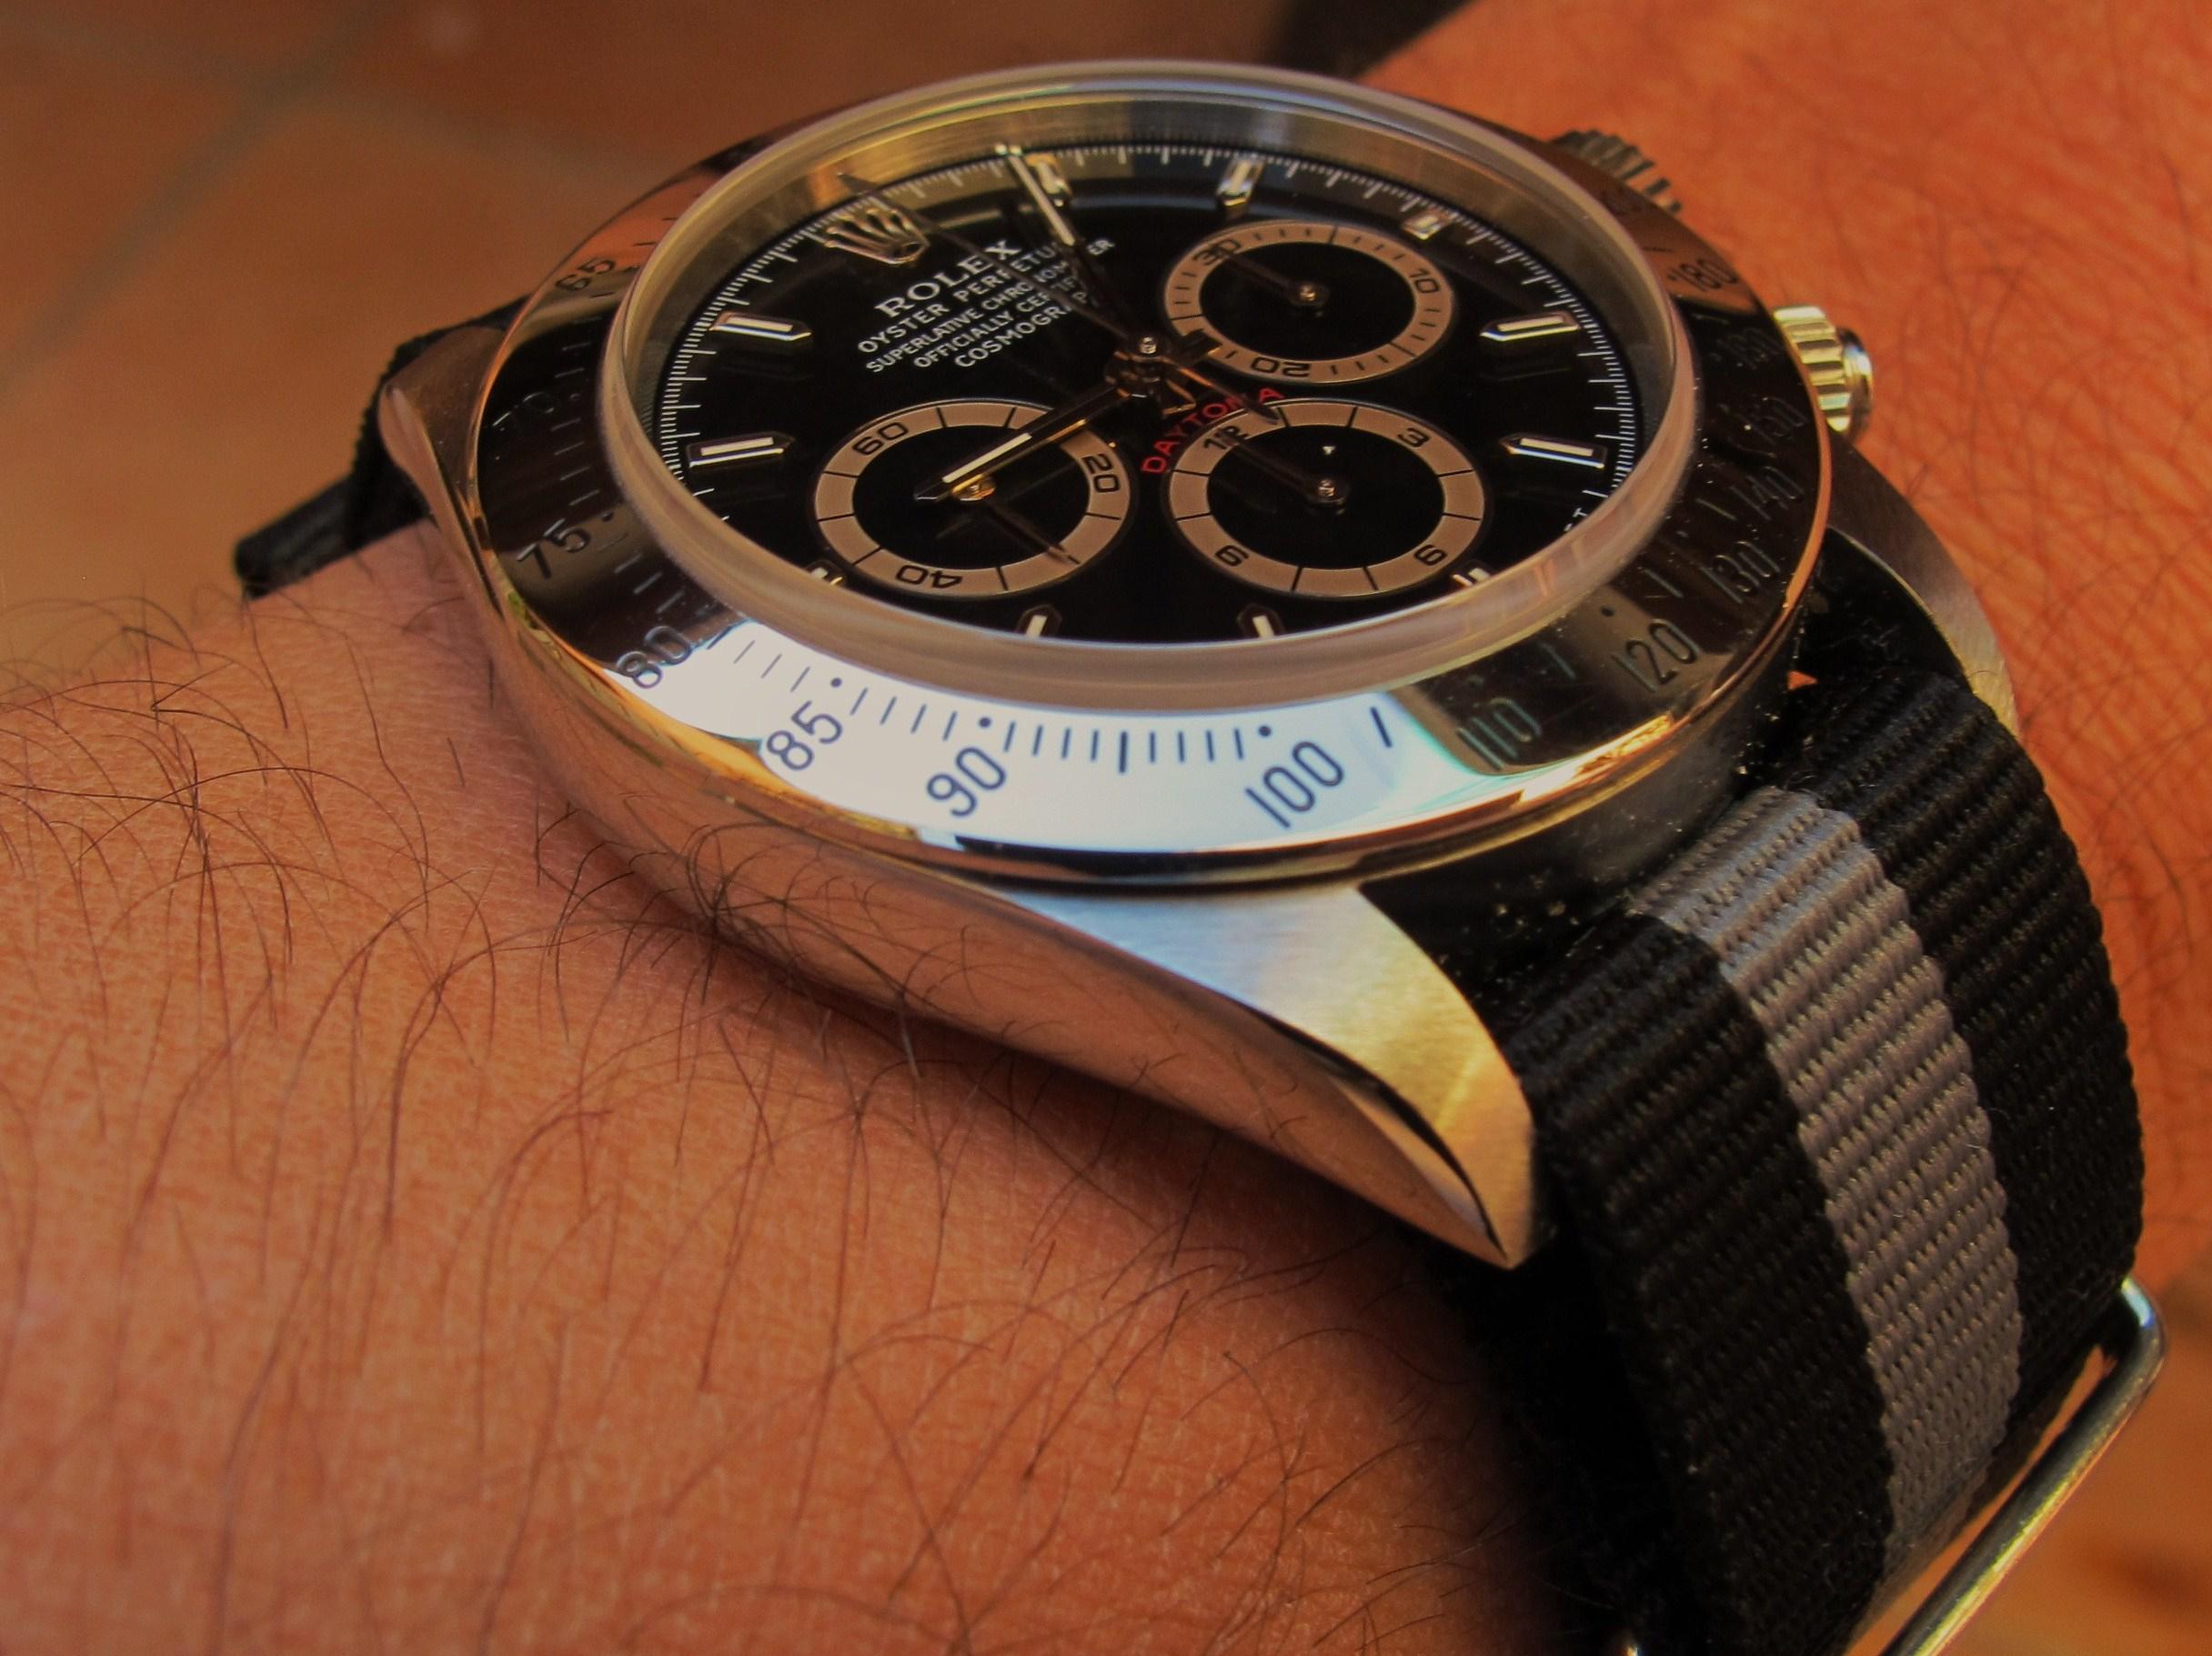 La montre du vendredi 9 mars 2012 Img0035joz